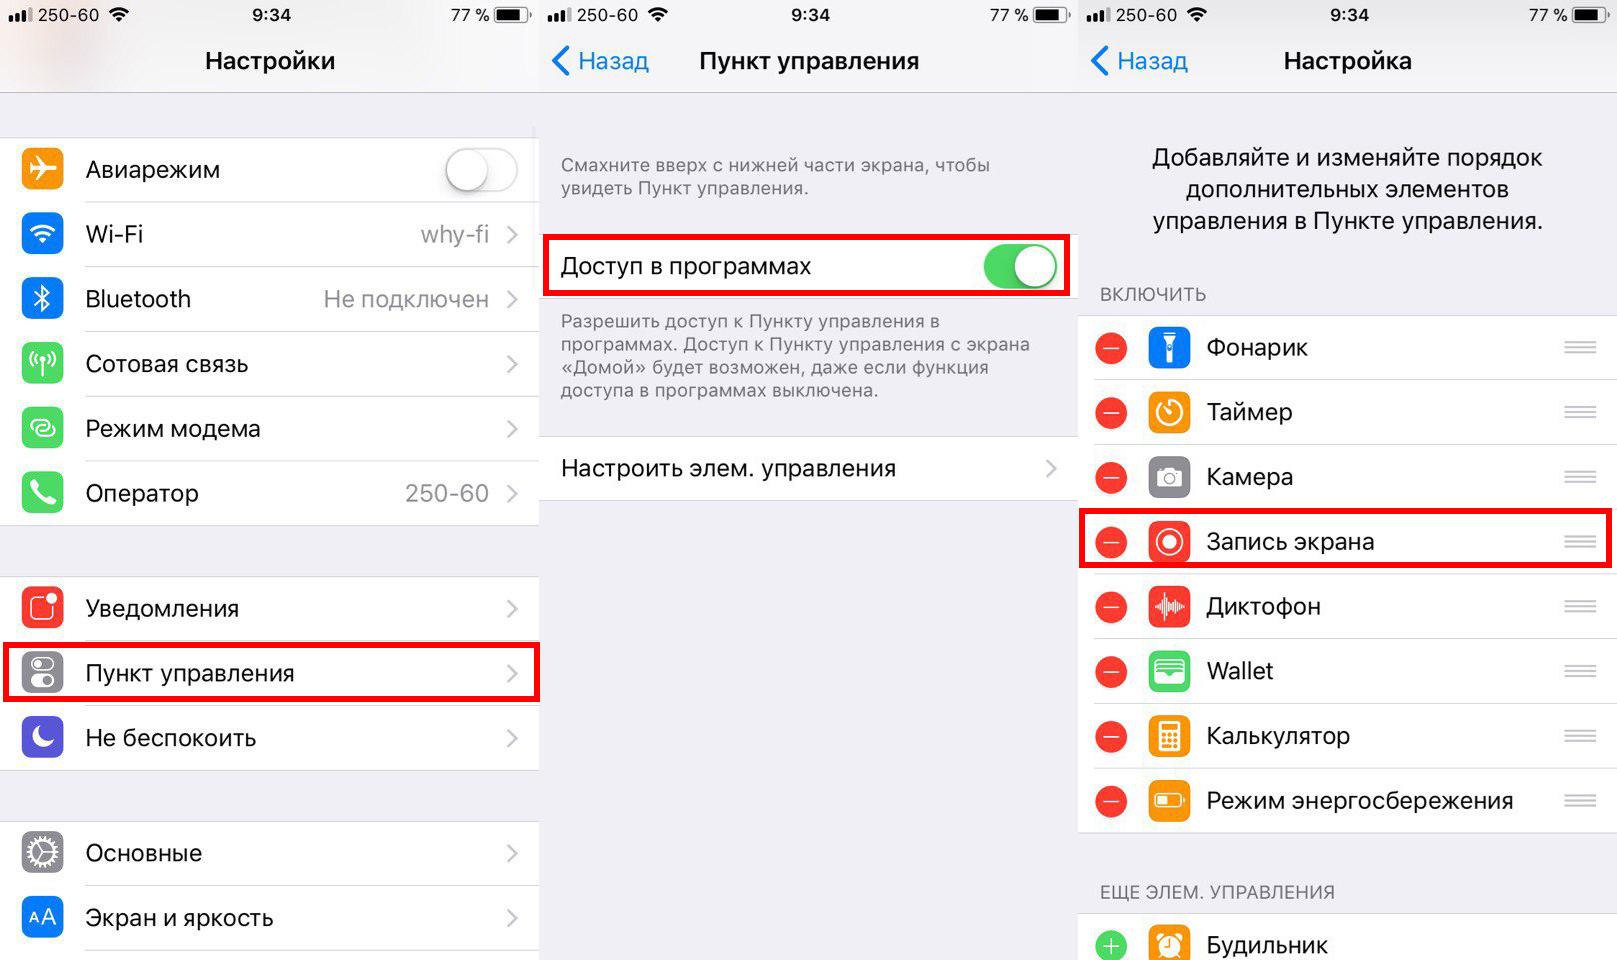 Как настроить, отключить и включить поворот экрана на айфоне 5, 6, 7, 8, x?